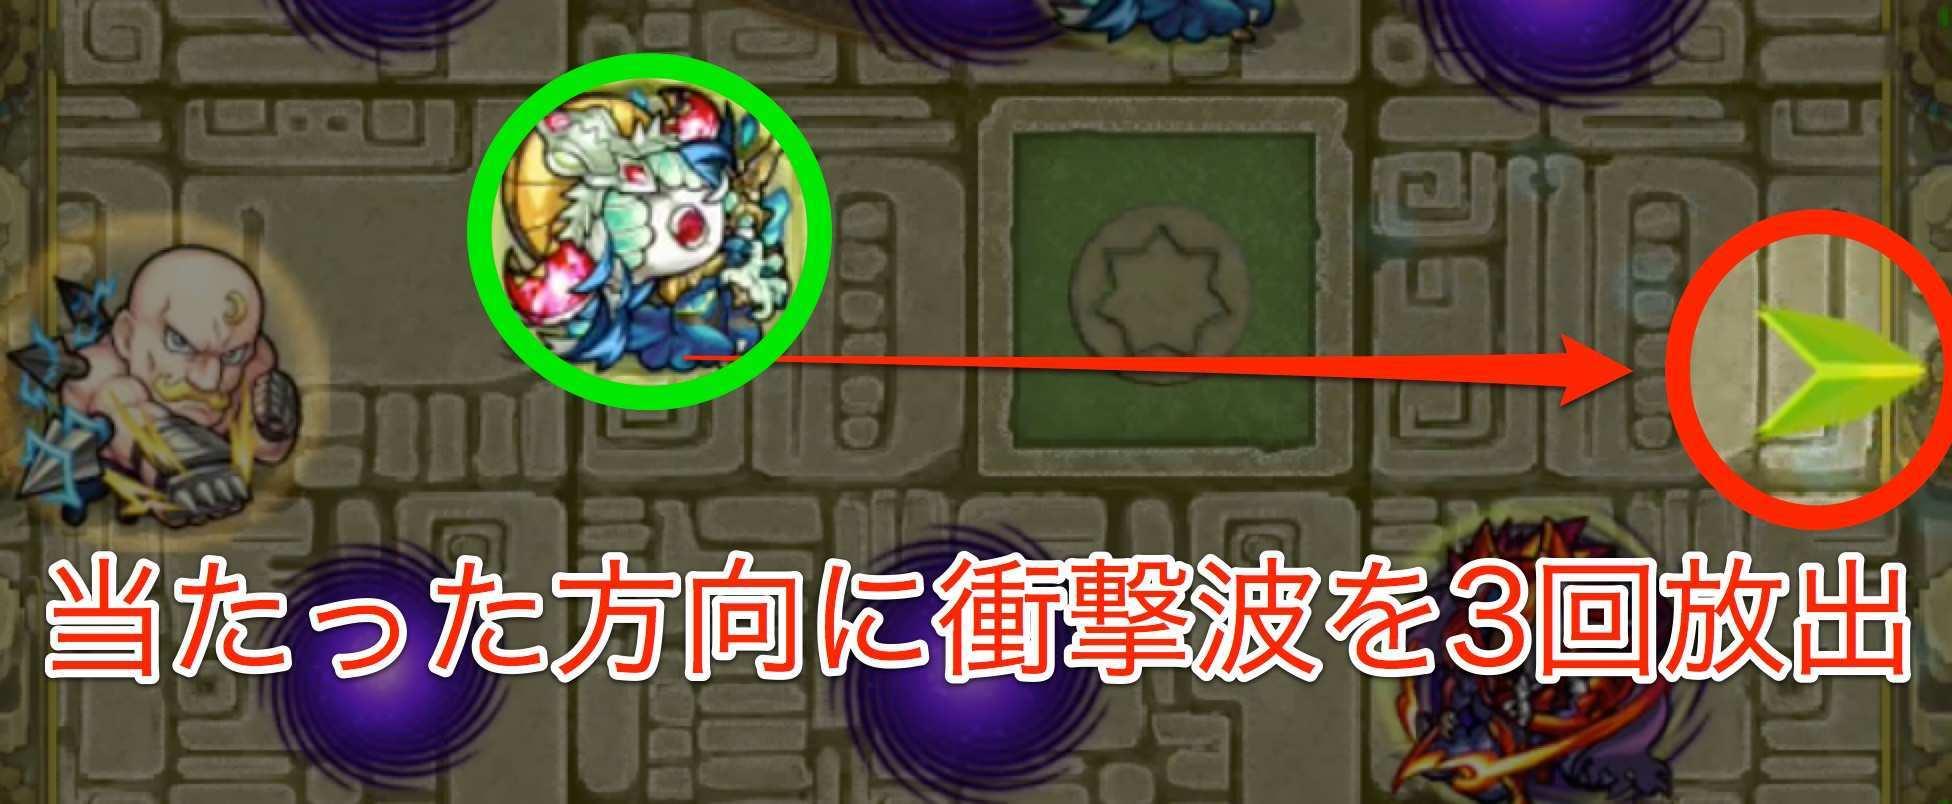 分裂貫通衝撃波3.jpg